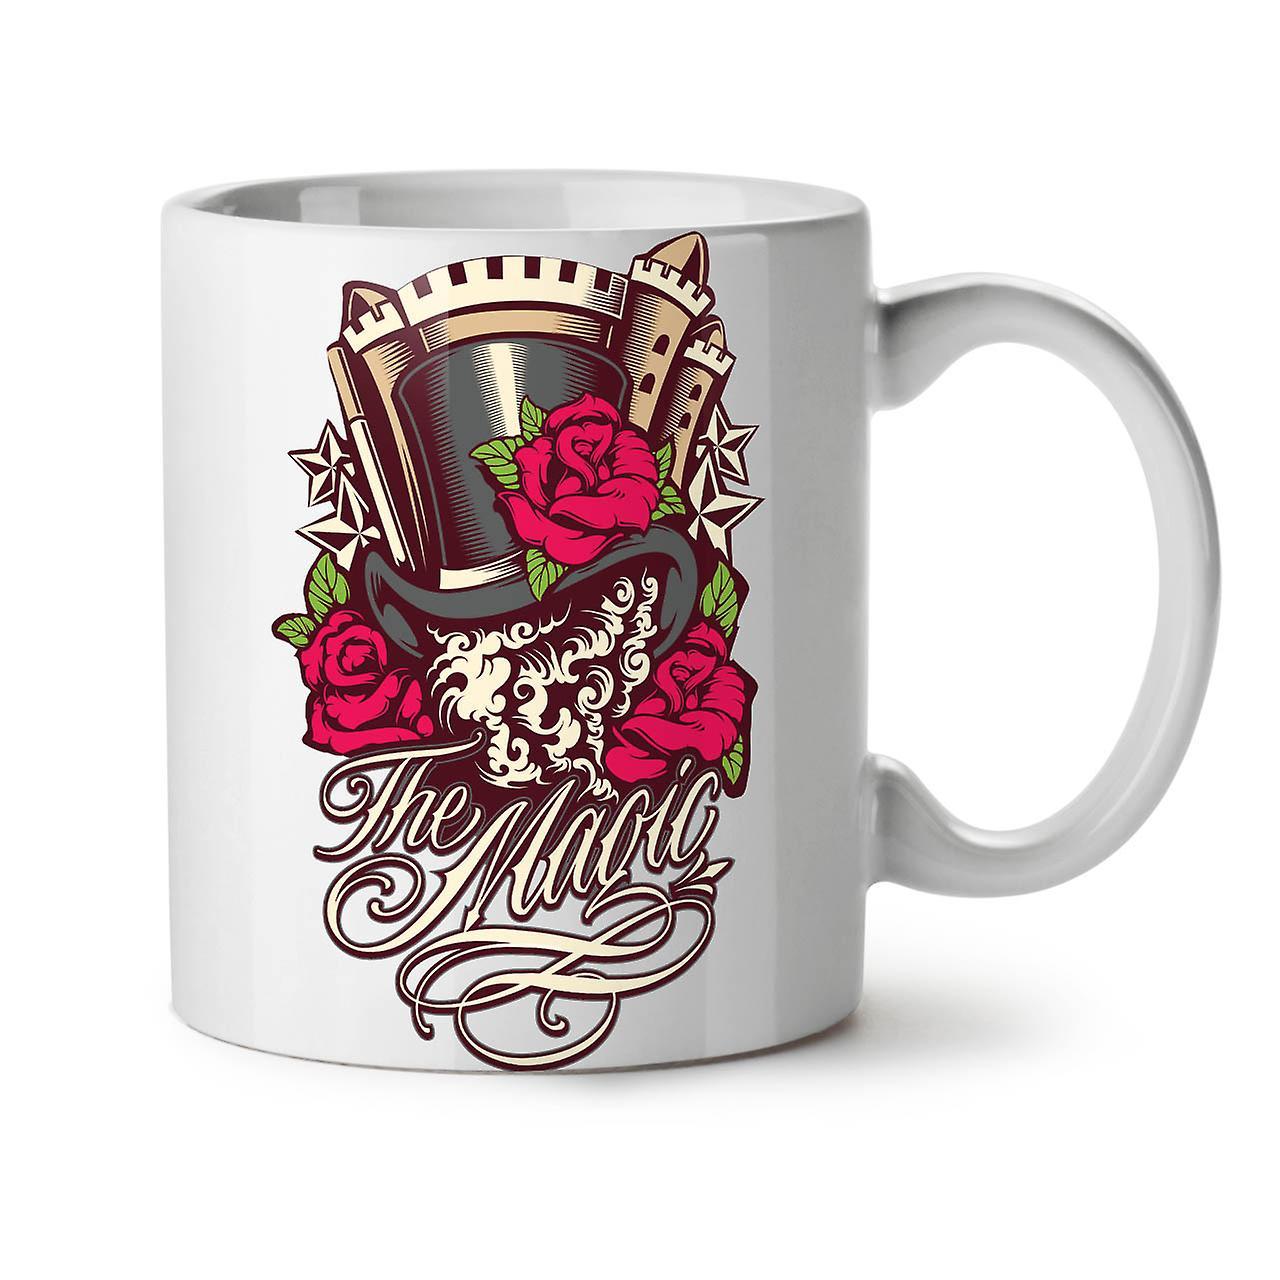 La Tasse 11 Magie OzWellcoda Blanc Rose Nouveau Thé Café Céramique j35ALRq4